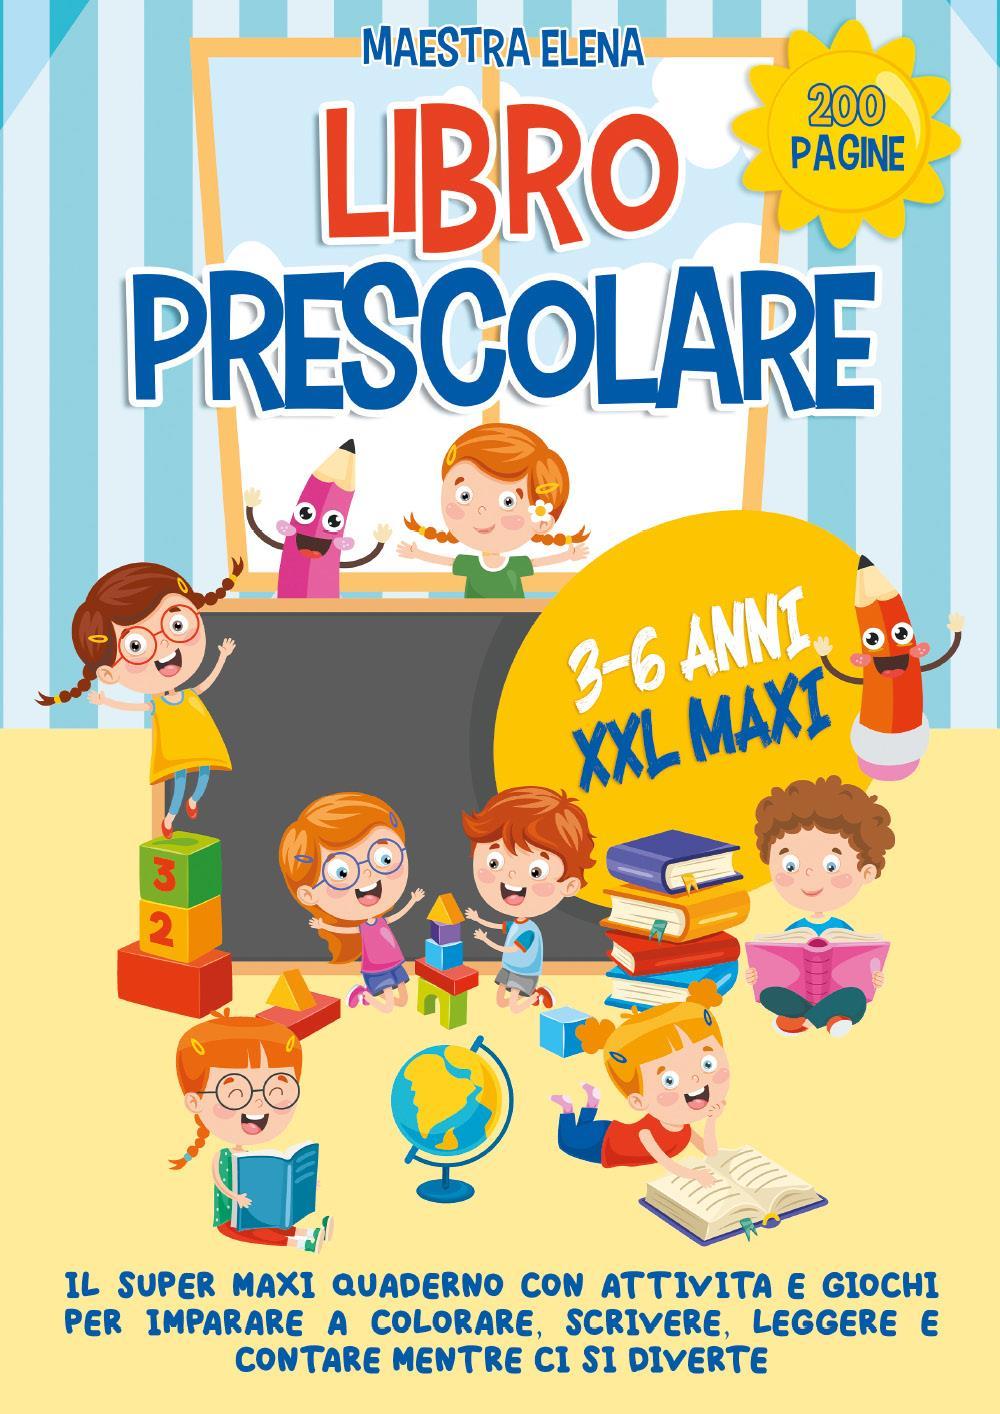 Libro prescolare 3-6 anni XXL MAXI. Il Super Maxi Quaderno Con Attività e Giochi per Imparare a Colorare, Scrivere, Leggere e Contare mentre ci si Diverte